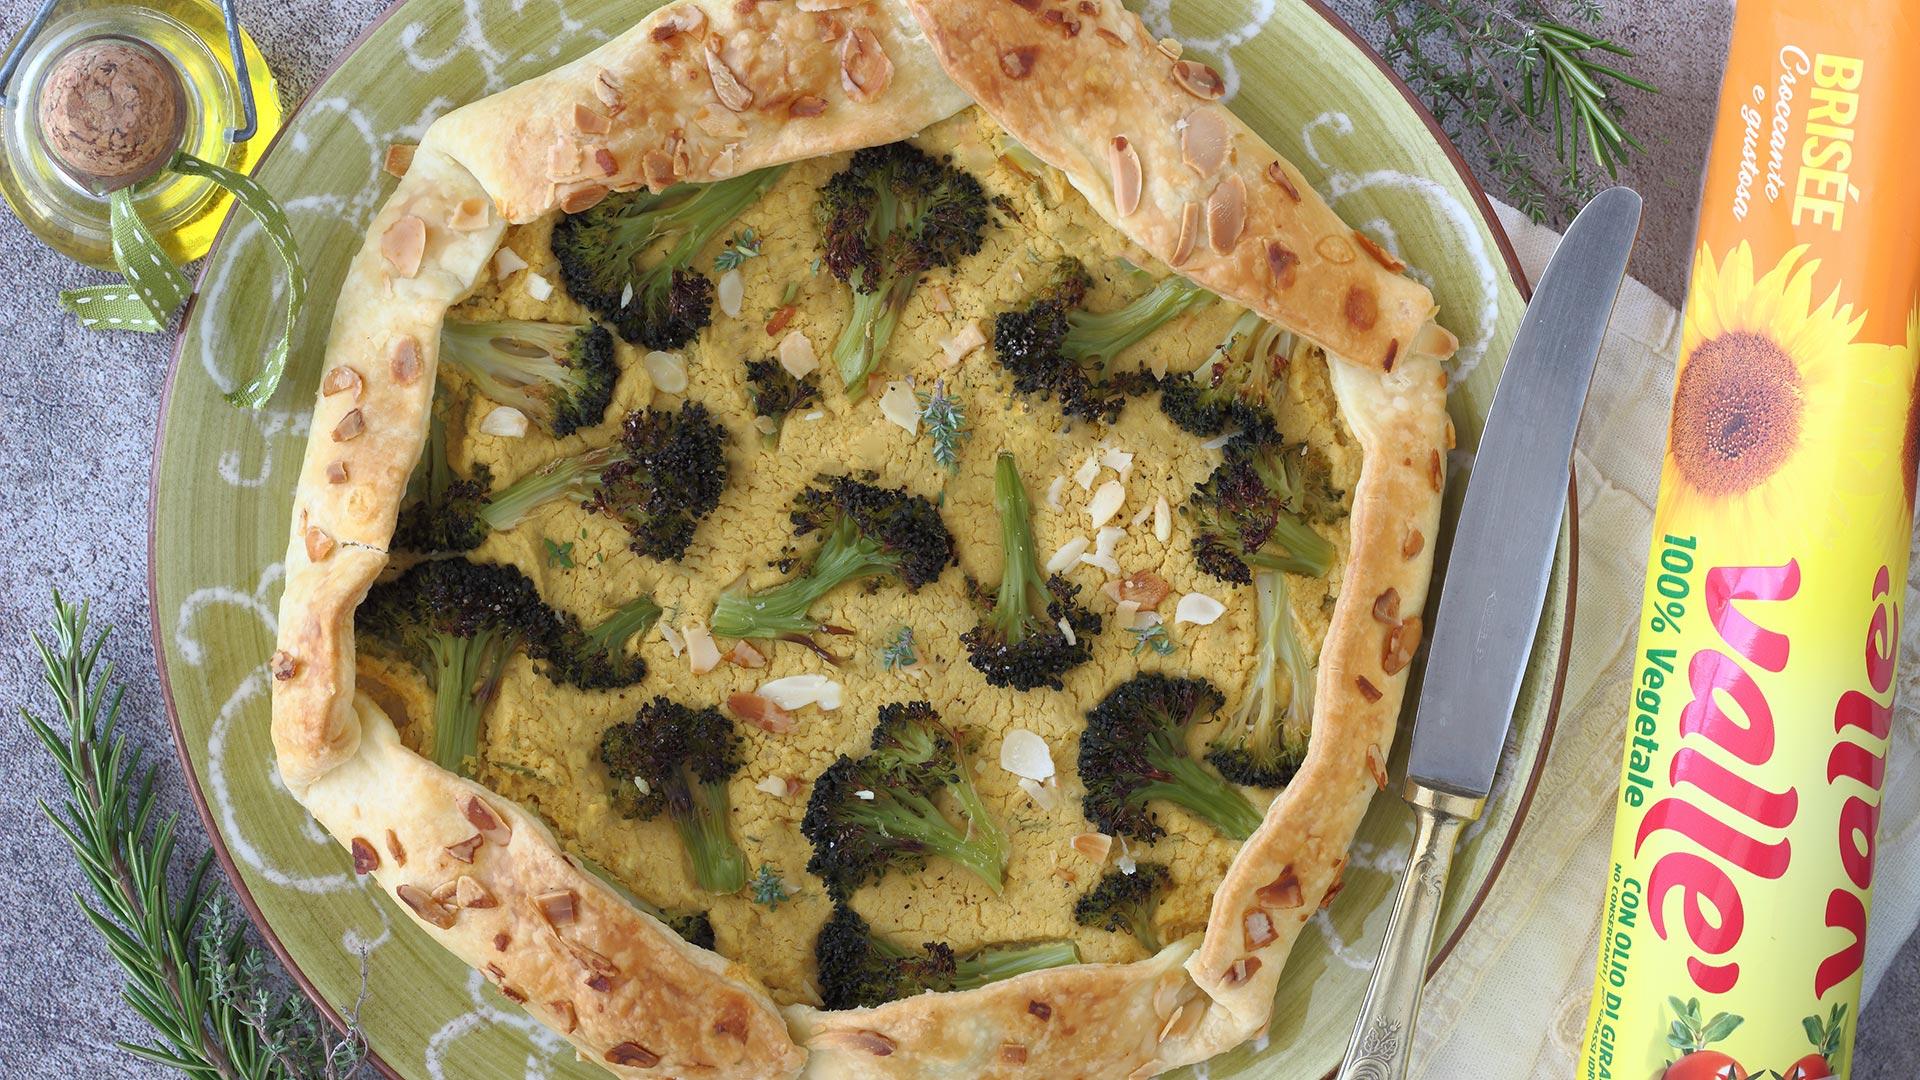 Galette salata di ceci e broccoletti